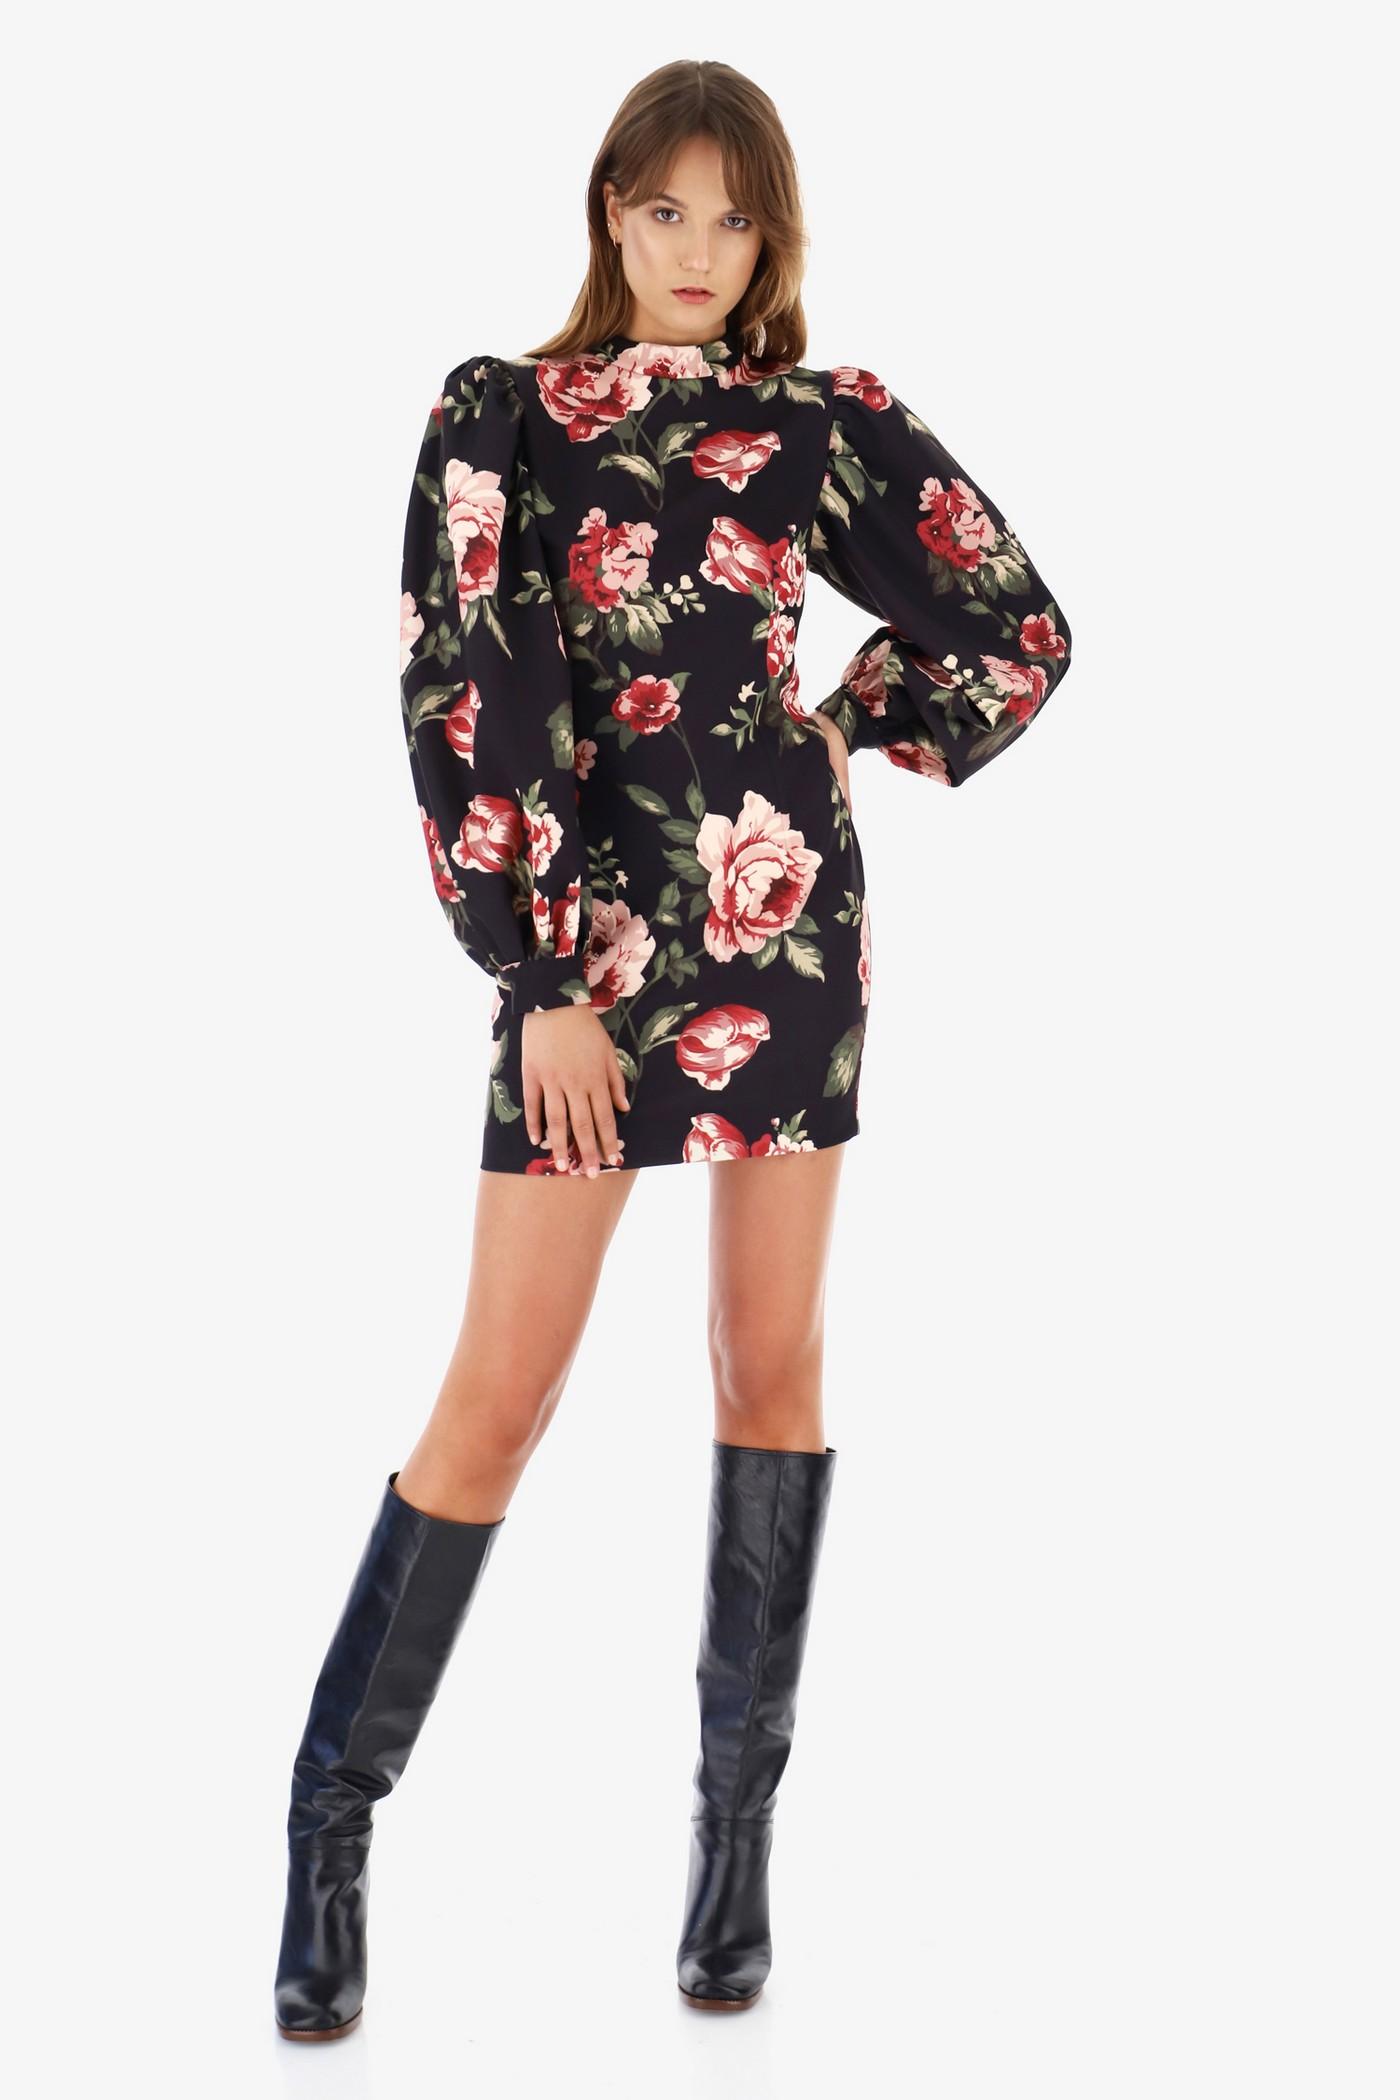 Короткое платье с принтом розы, итальянского бренда Imperial